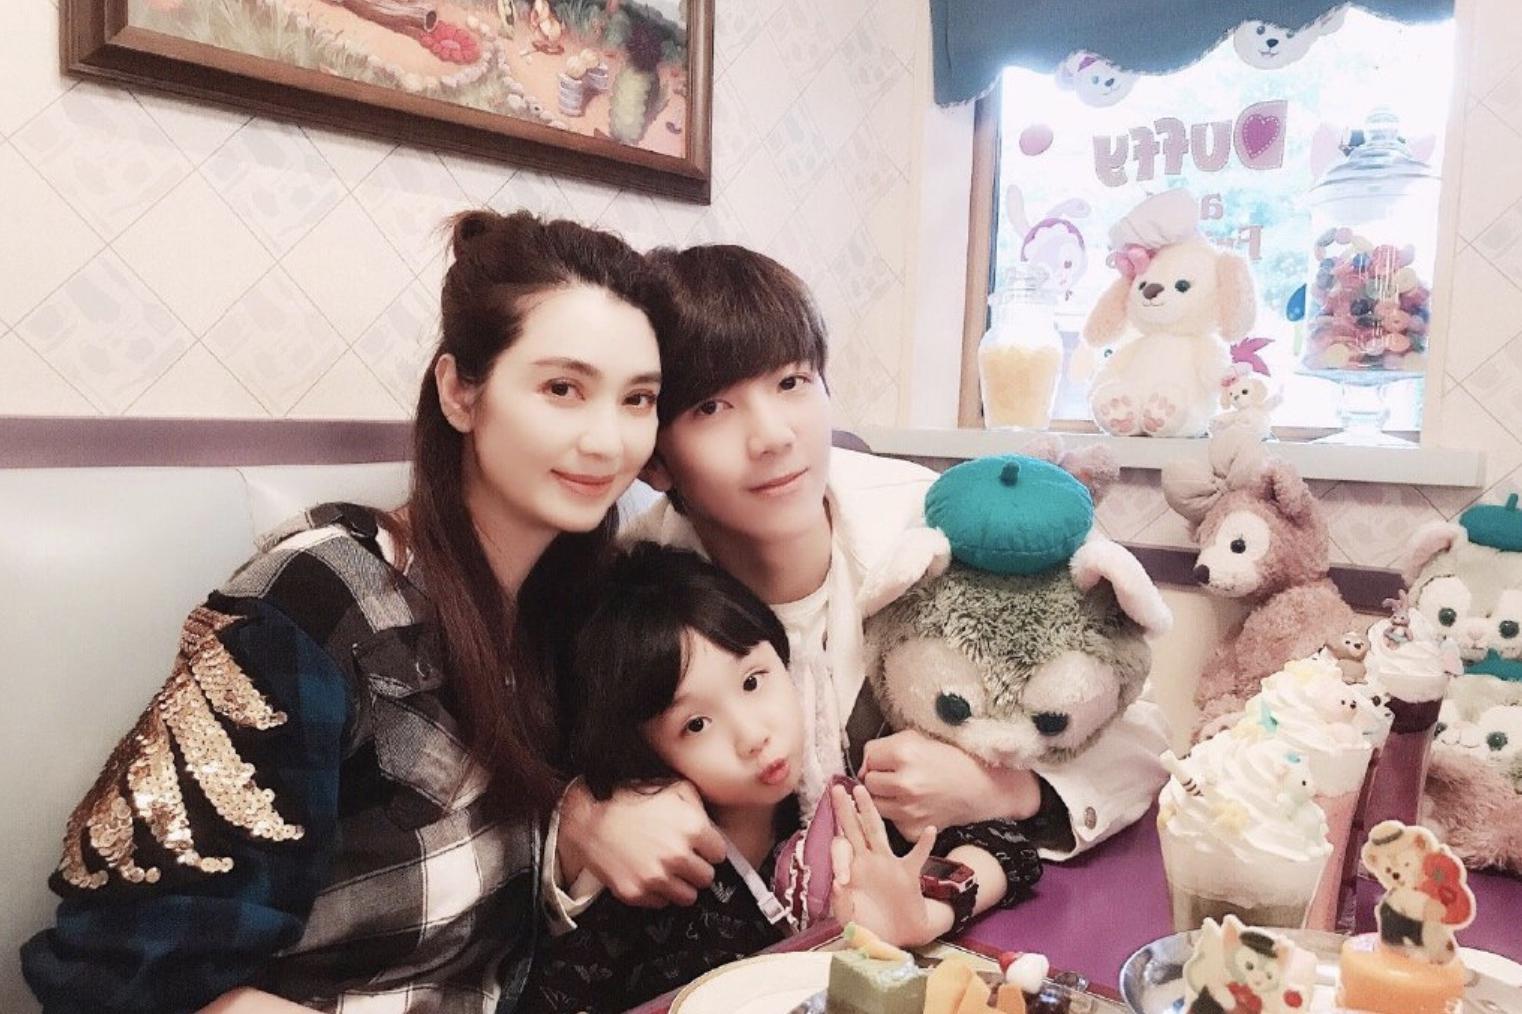 洪欣带子女游迪士尼,与蔡少芬、陈法蓉同行,唯独不见张丹峰